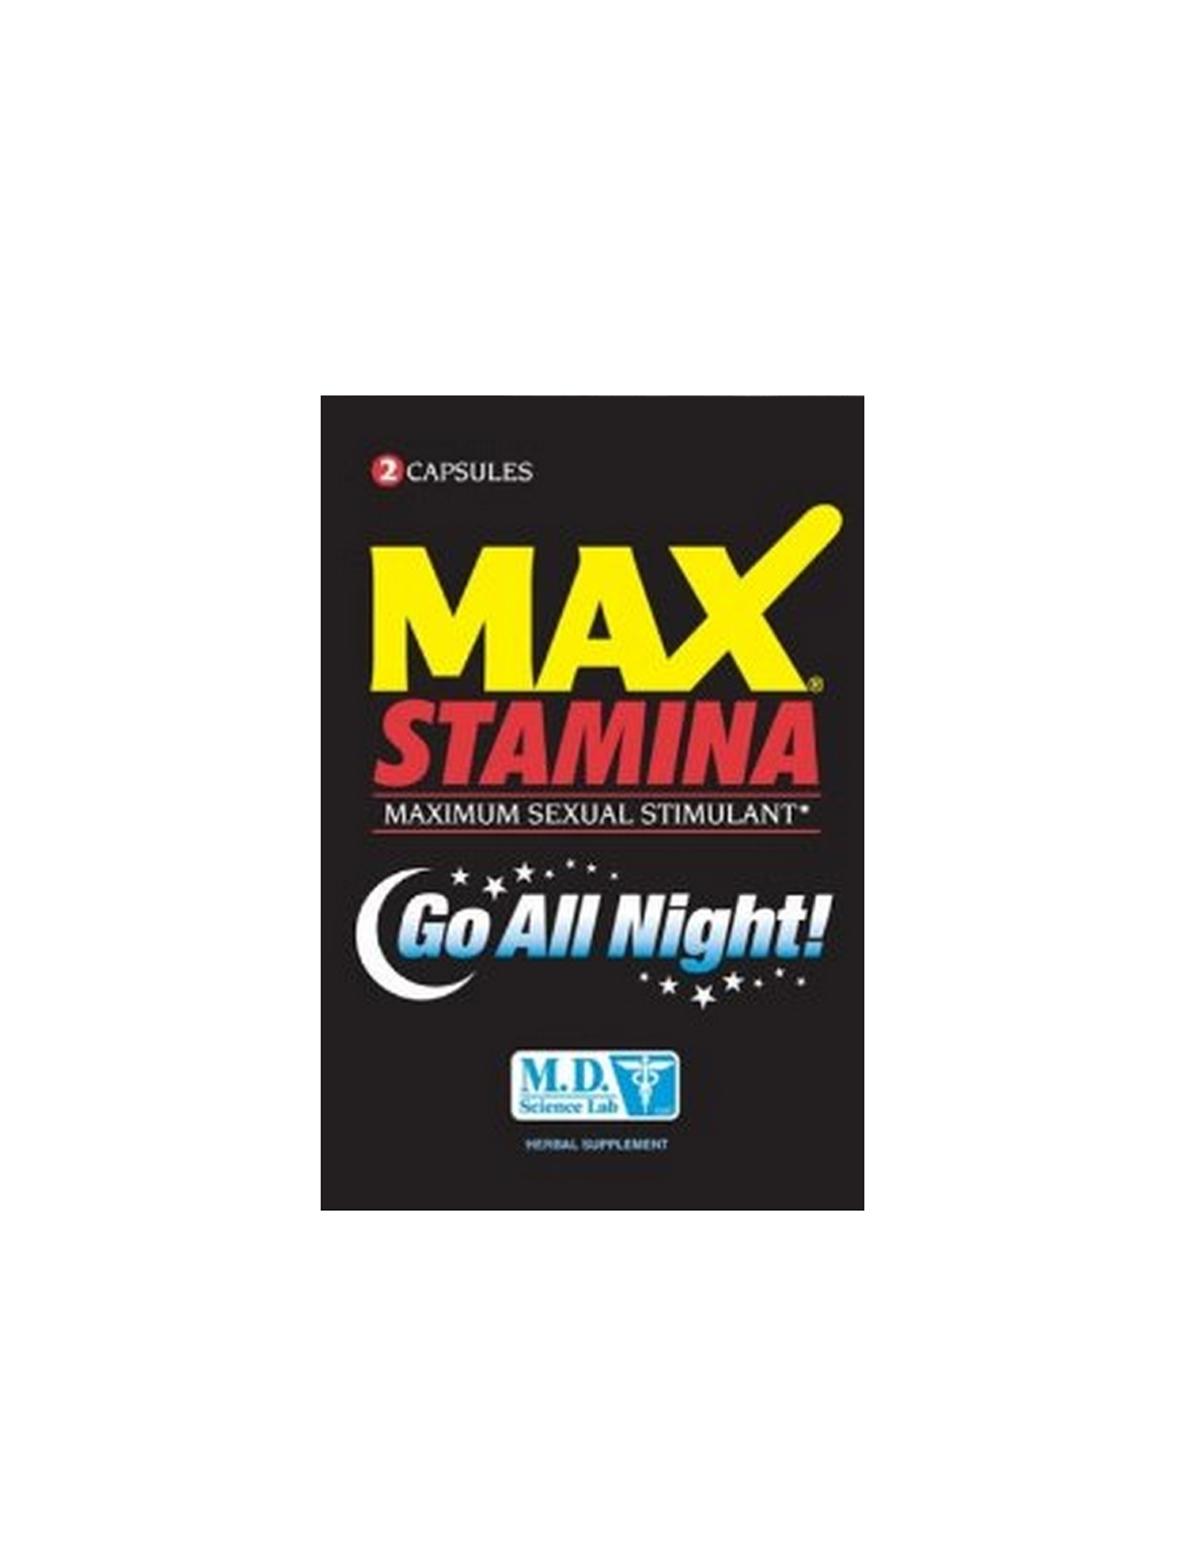 Max Stamina Pack